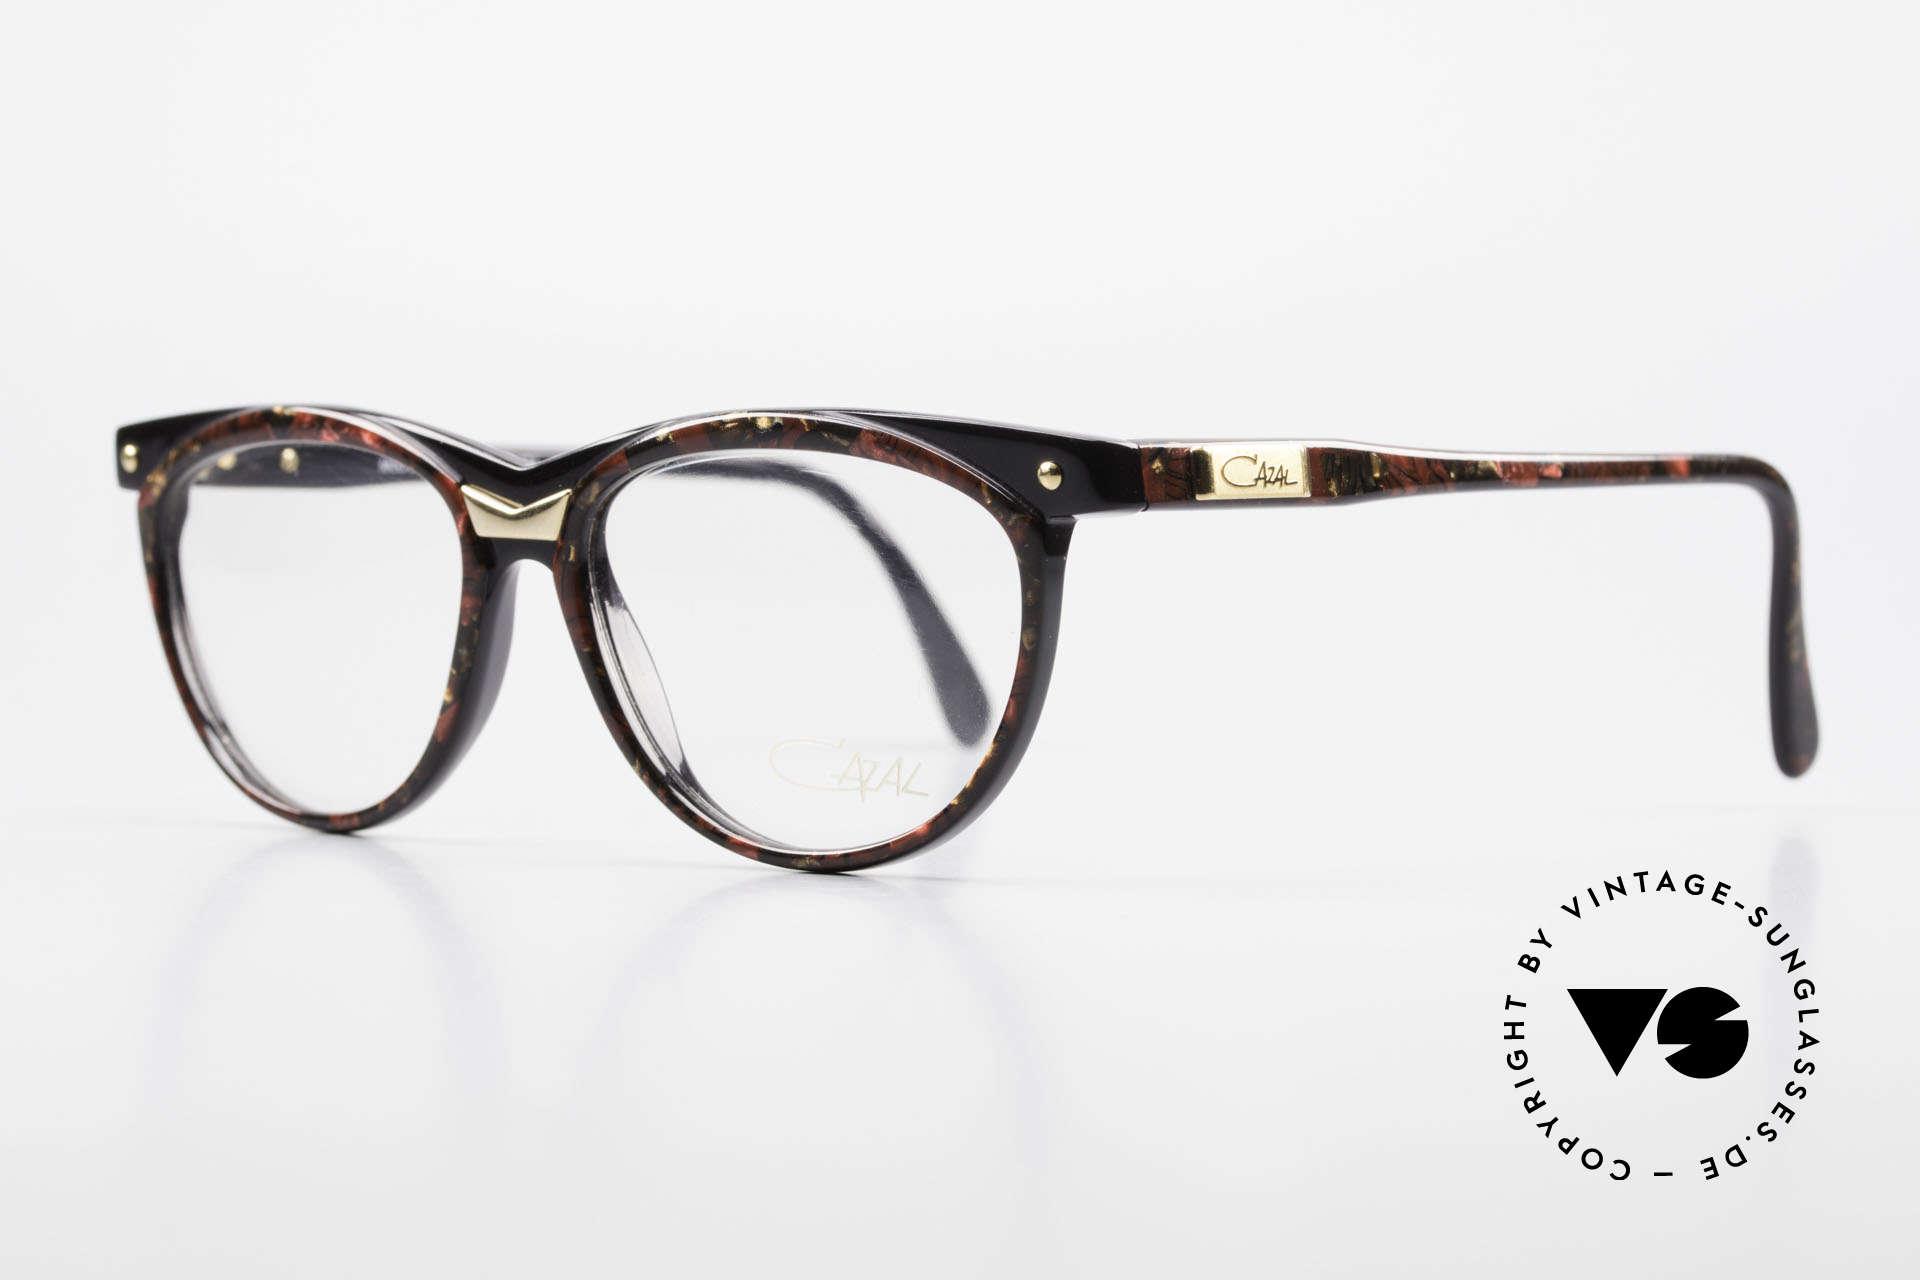 Cazal 331 True Vintage Designer Brille, einzigartige Form- und Farbgestaltung (gemustert), Passend für Herren und Damen